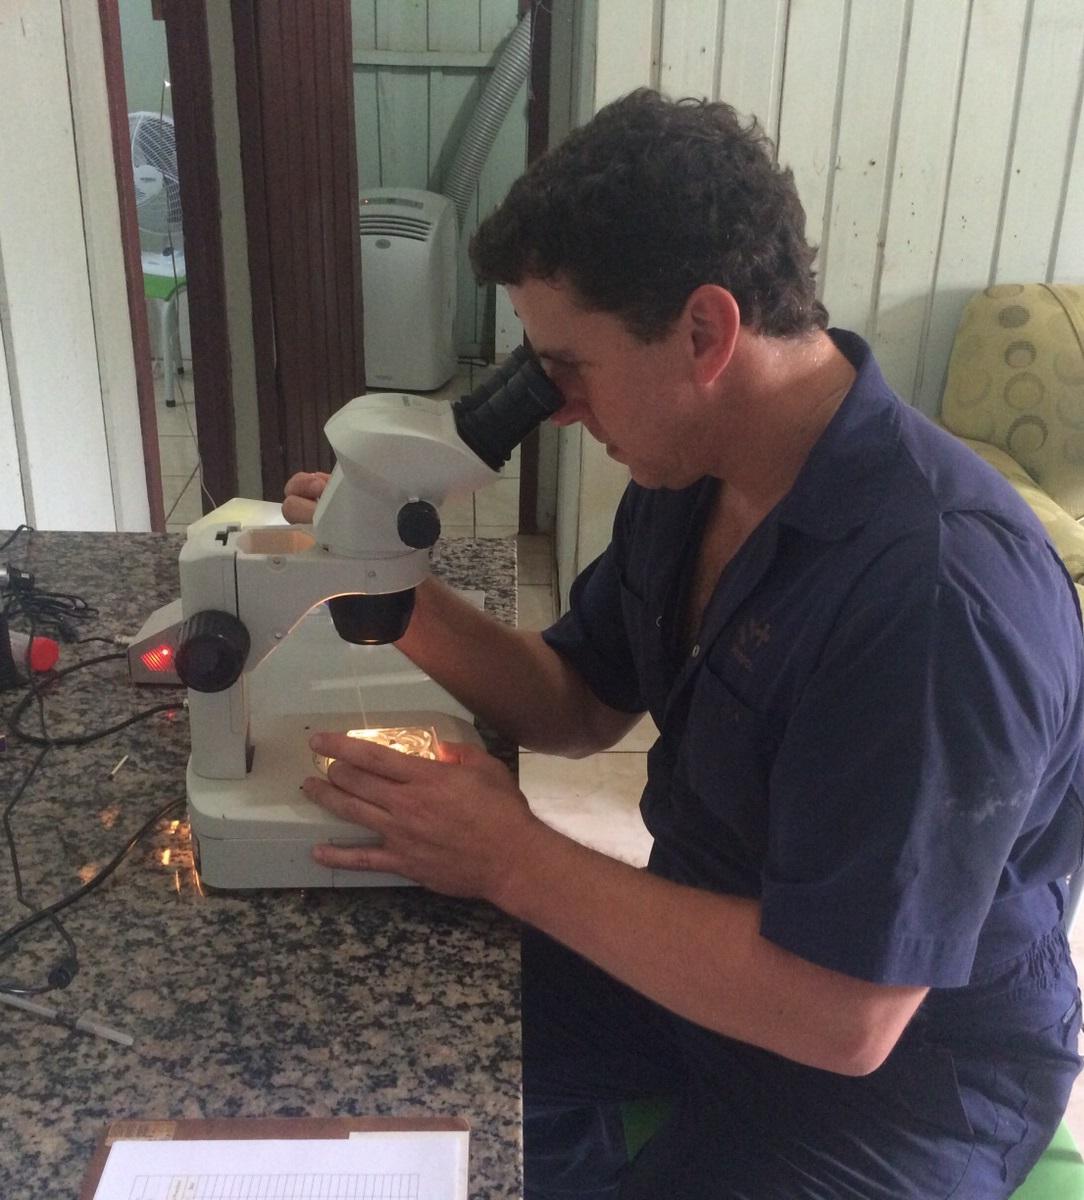 Técnico Luciano Aranha, da S+, presta assistência com os embriões da parceria  BoiRodrigues/Grama na Fazenda Harmonia.